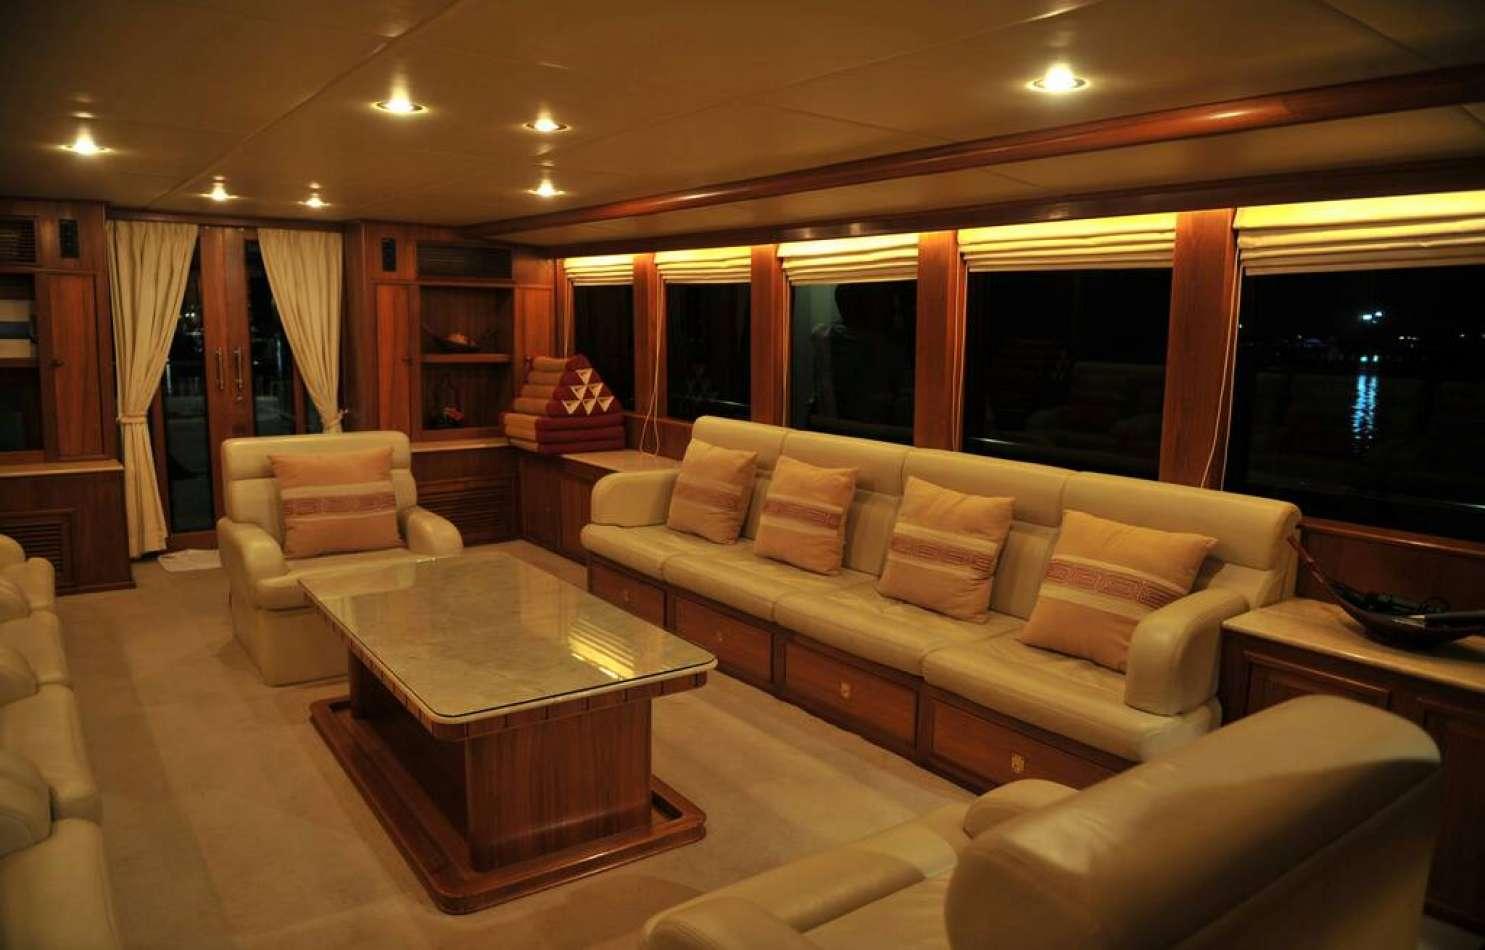 Port-Klang-Yacht-Rental15405461655bd2de7539f9d2.68151351.jpg